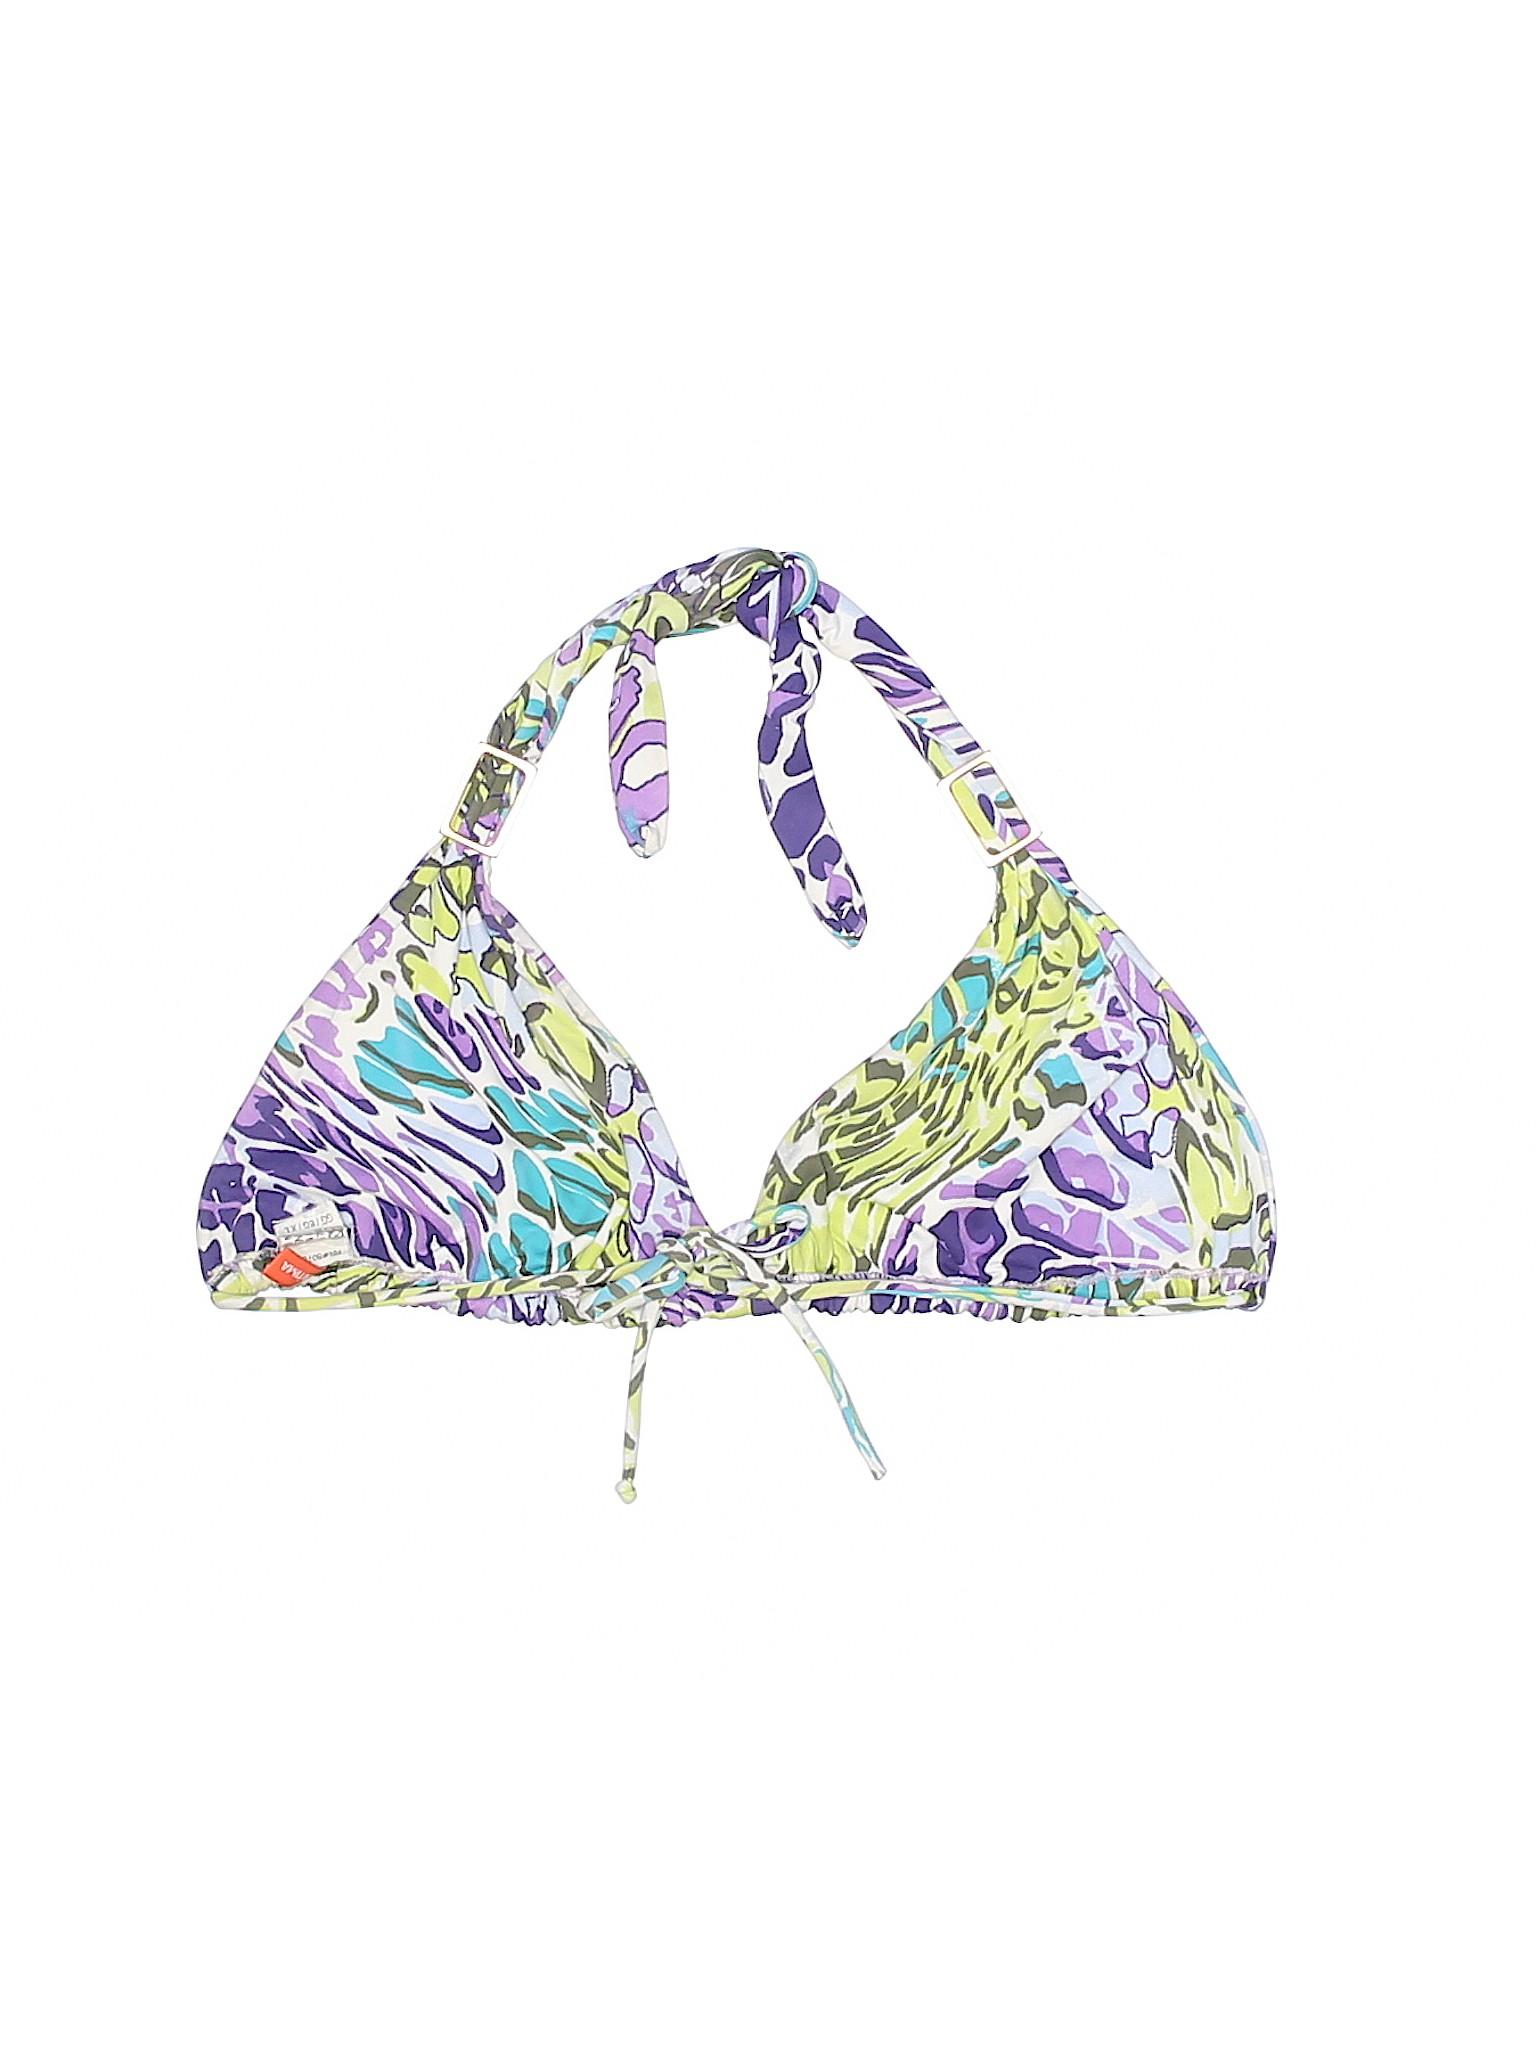 Boutique Maritima Swimsuit Boutique Top Cia Cia PxwqrO4PHn